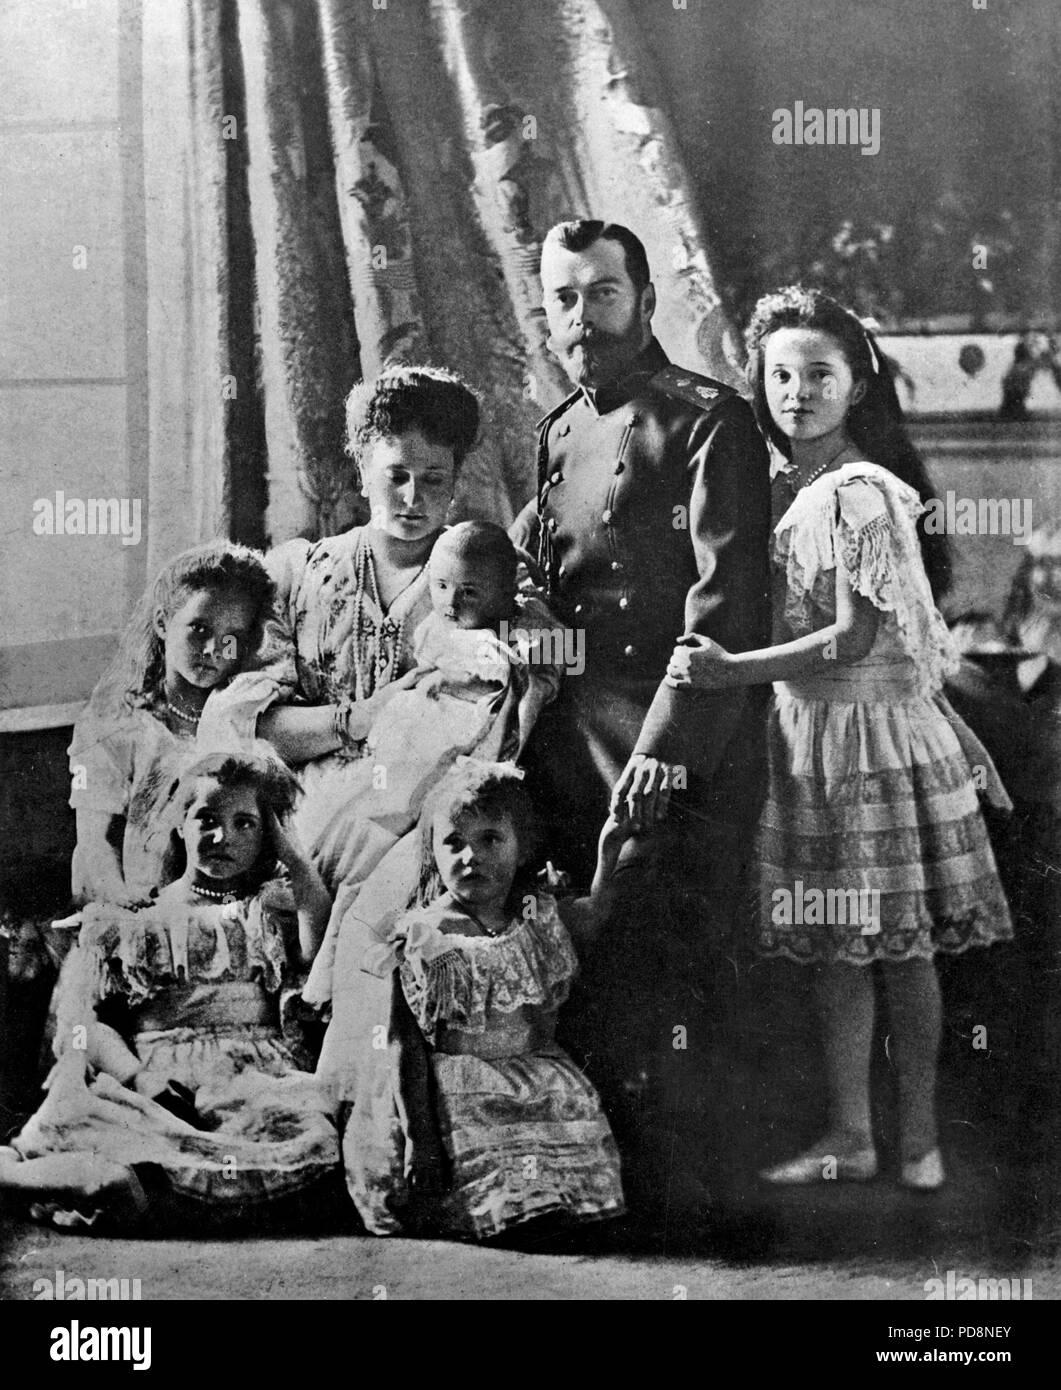 Zar Nikolaus II. von Russland. 1868-1918. Der letzte Kaiser von Russland. Hier im Bild zusammen mit seiner Frau Alexandra und seine fünf Kinder Tatiana, Anastasia, Alexei, Maria und Olga. 1904 Stockbild